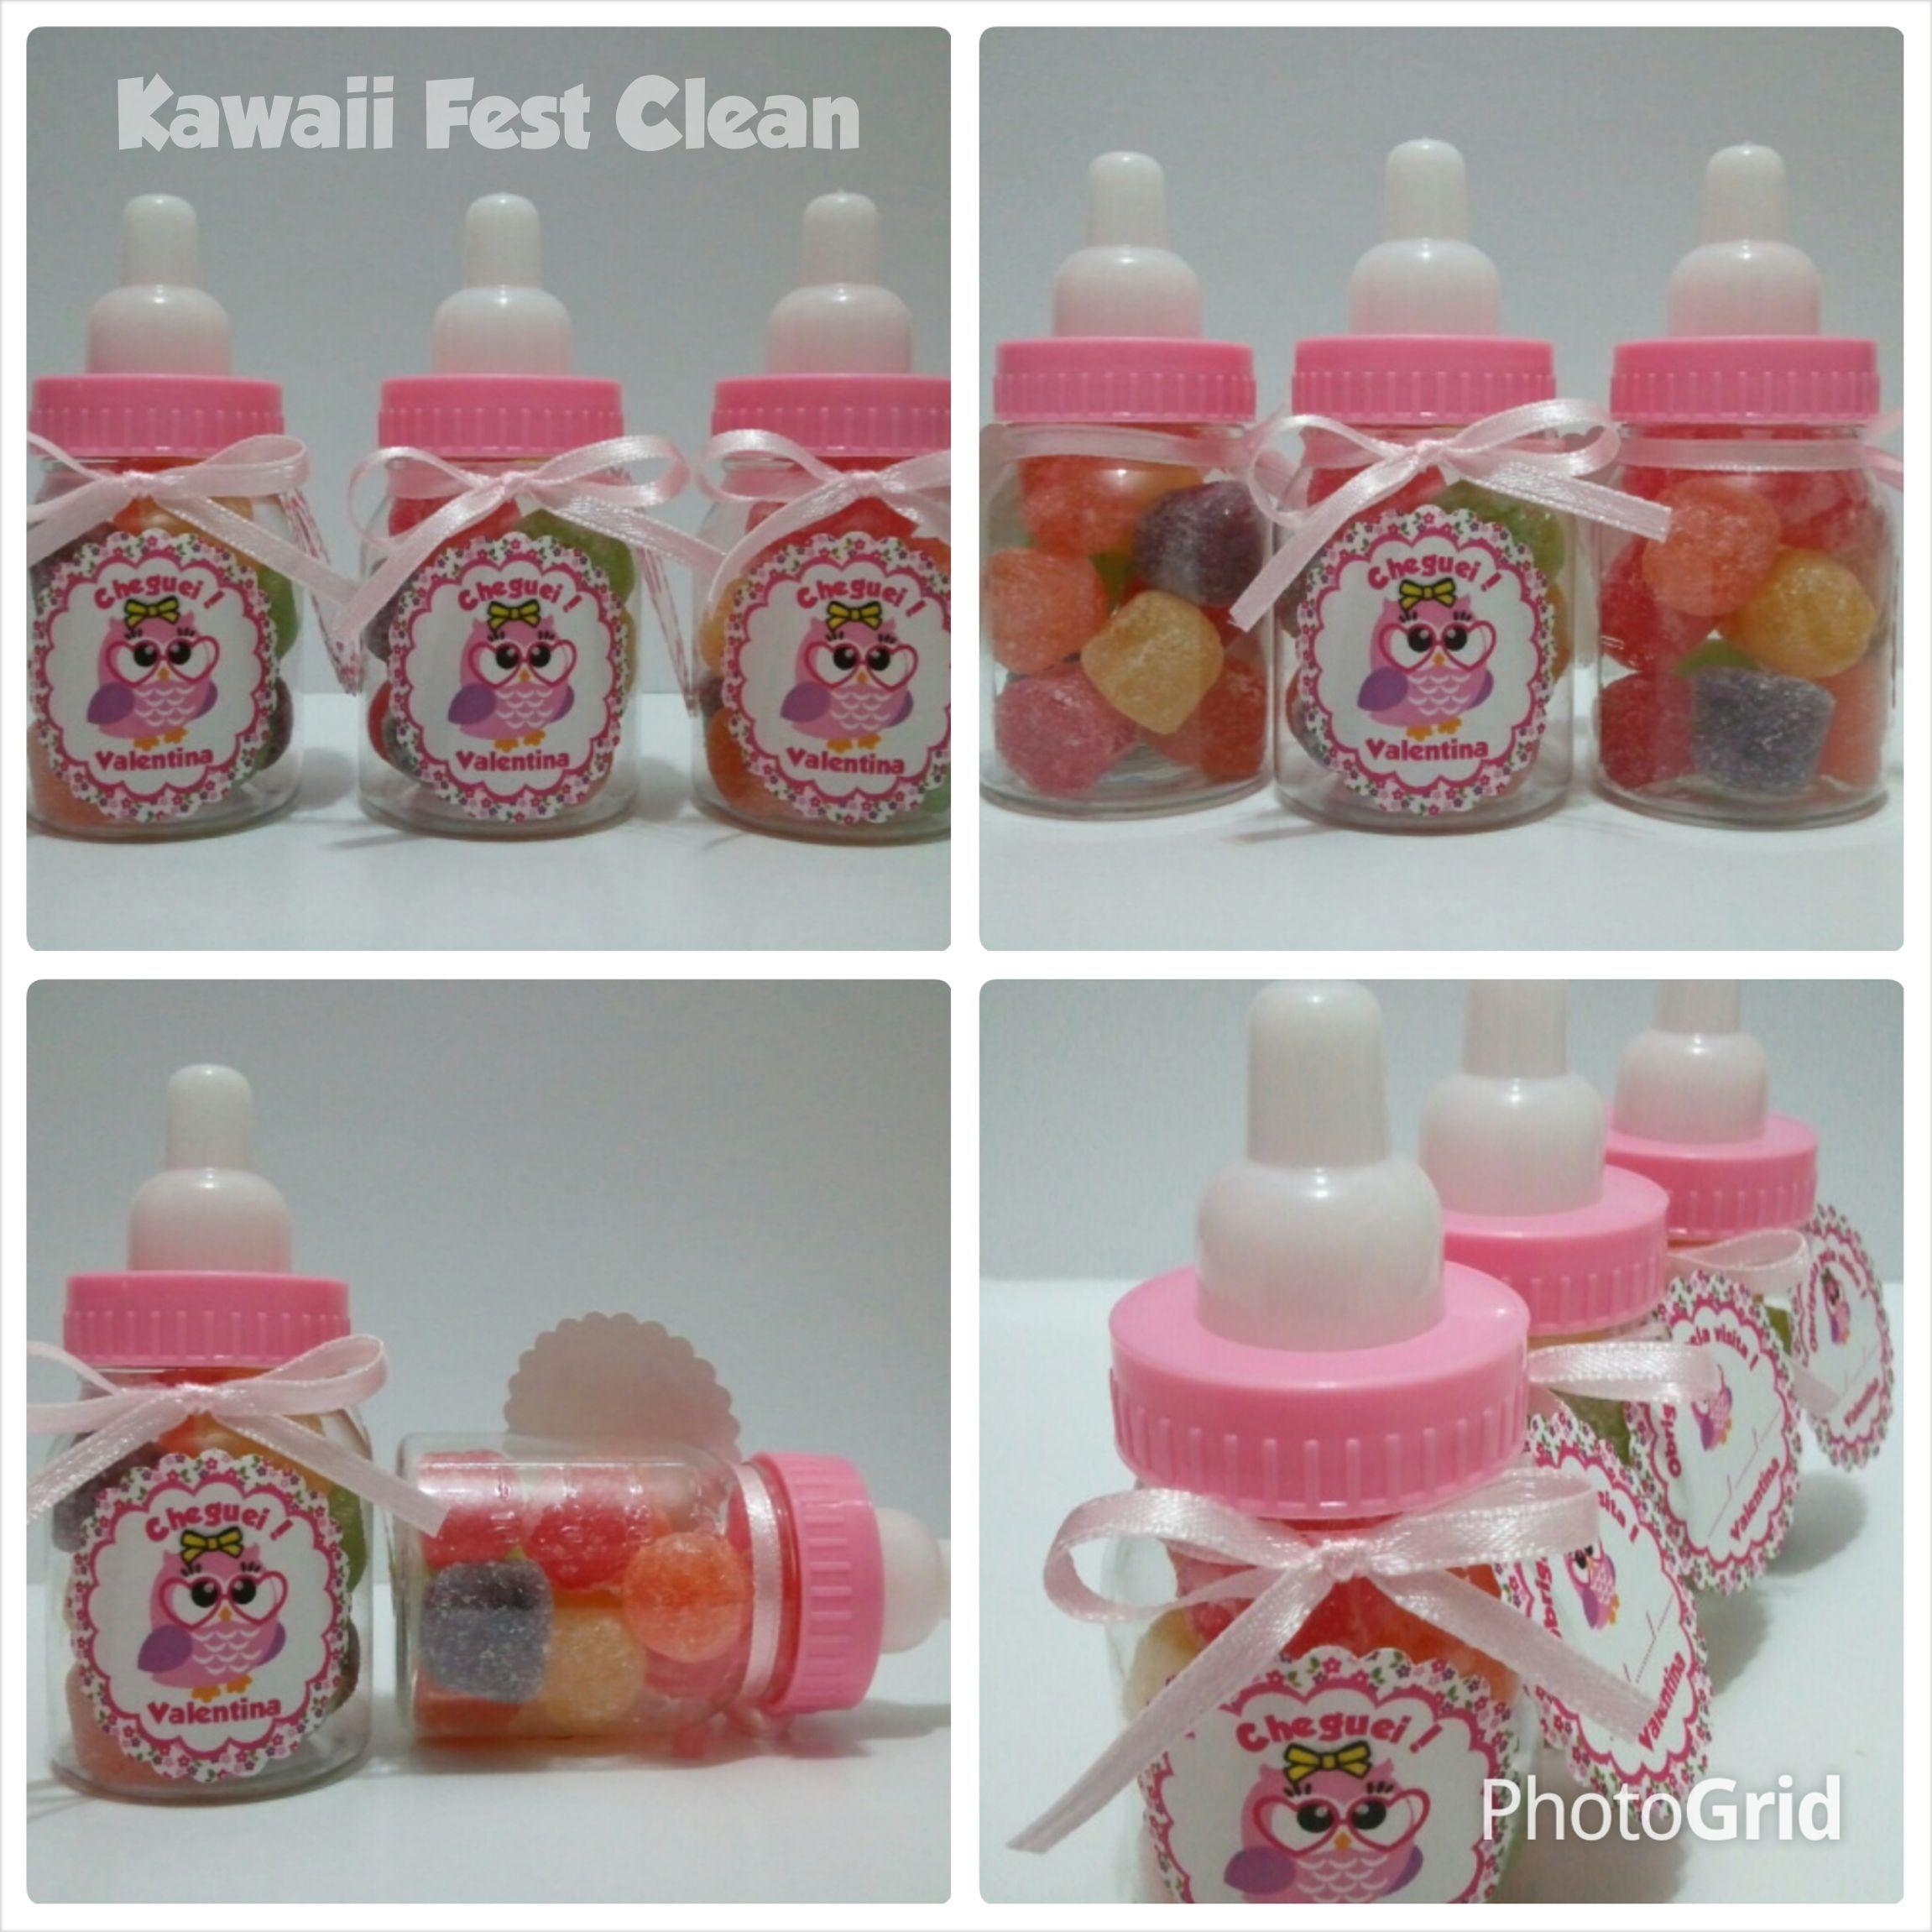 Kawaii Fest Clean